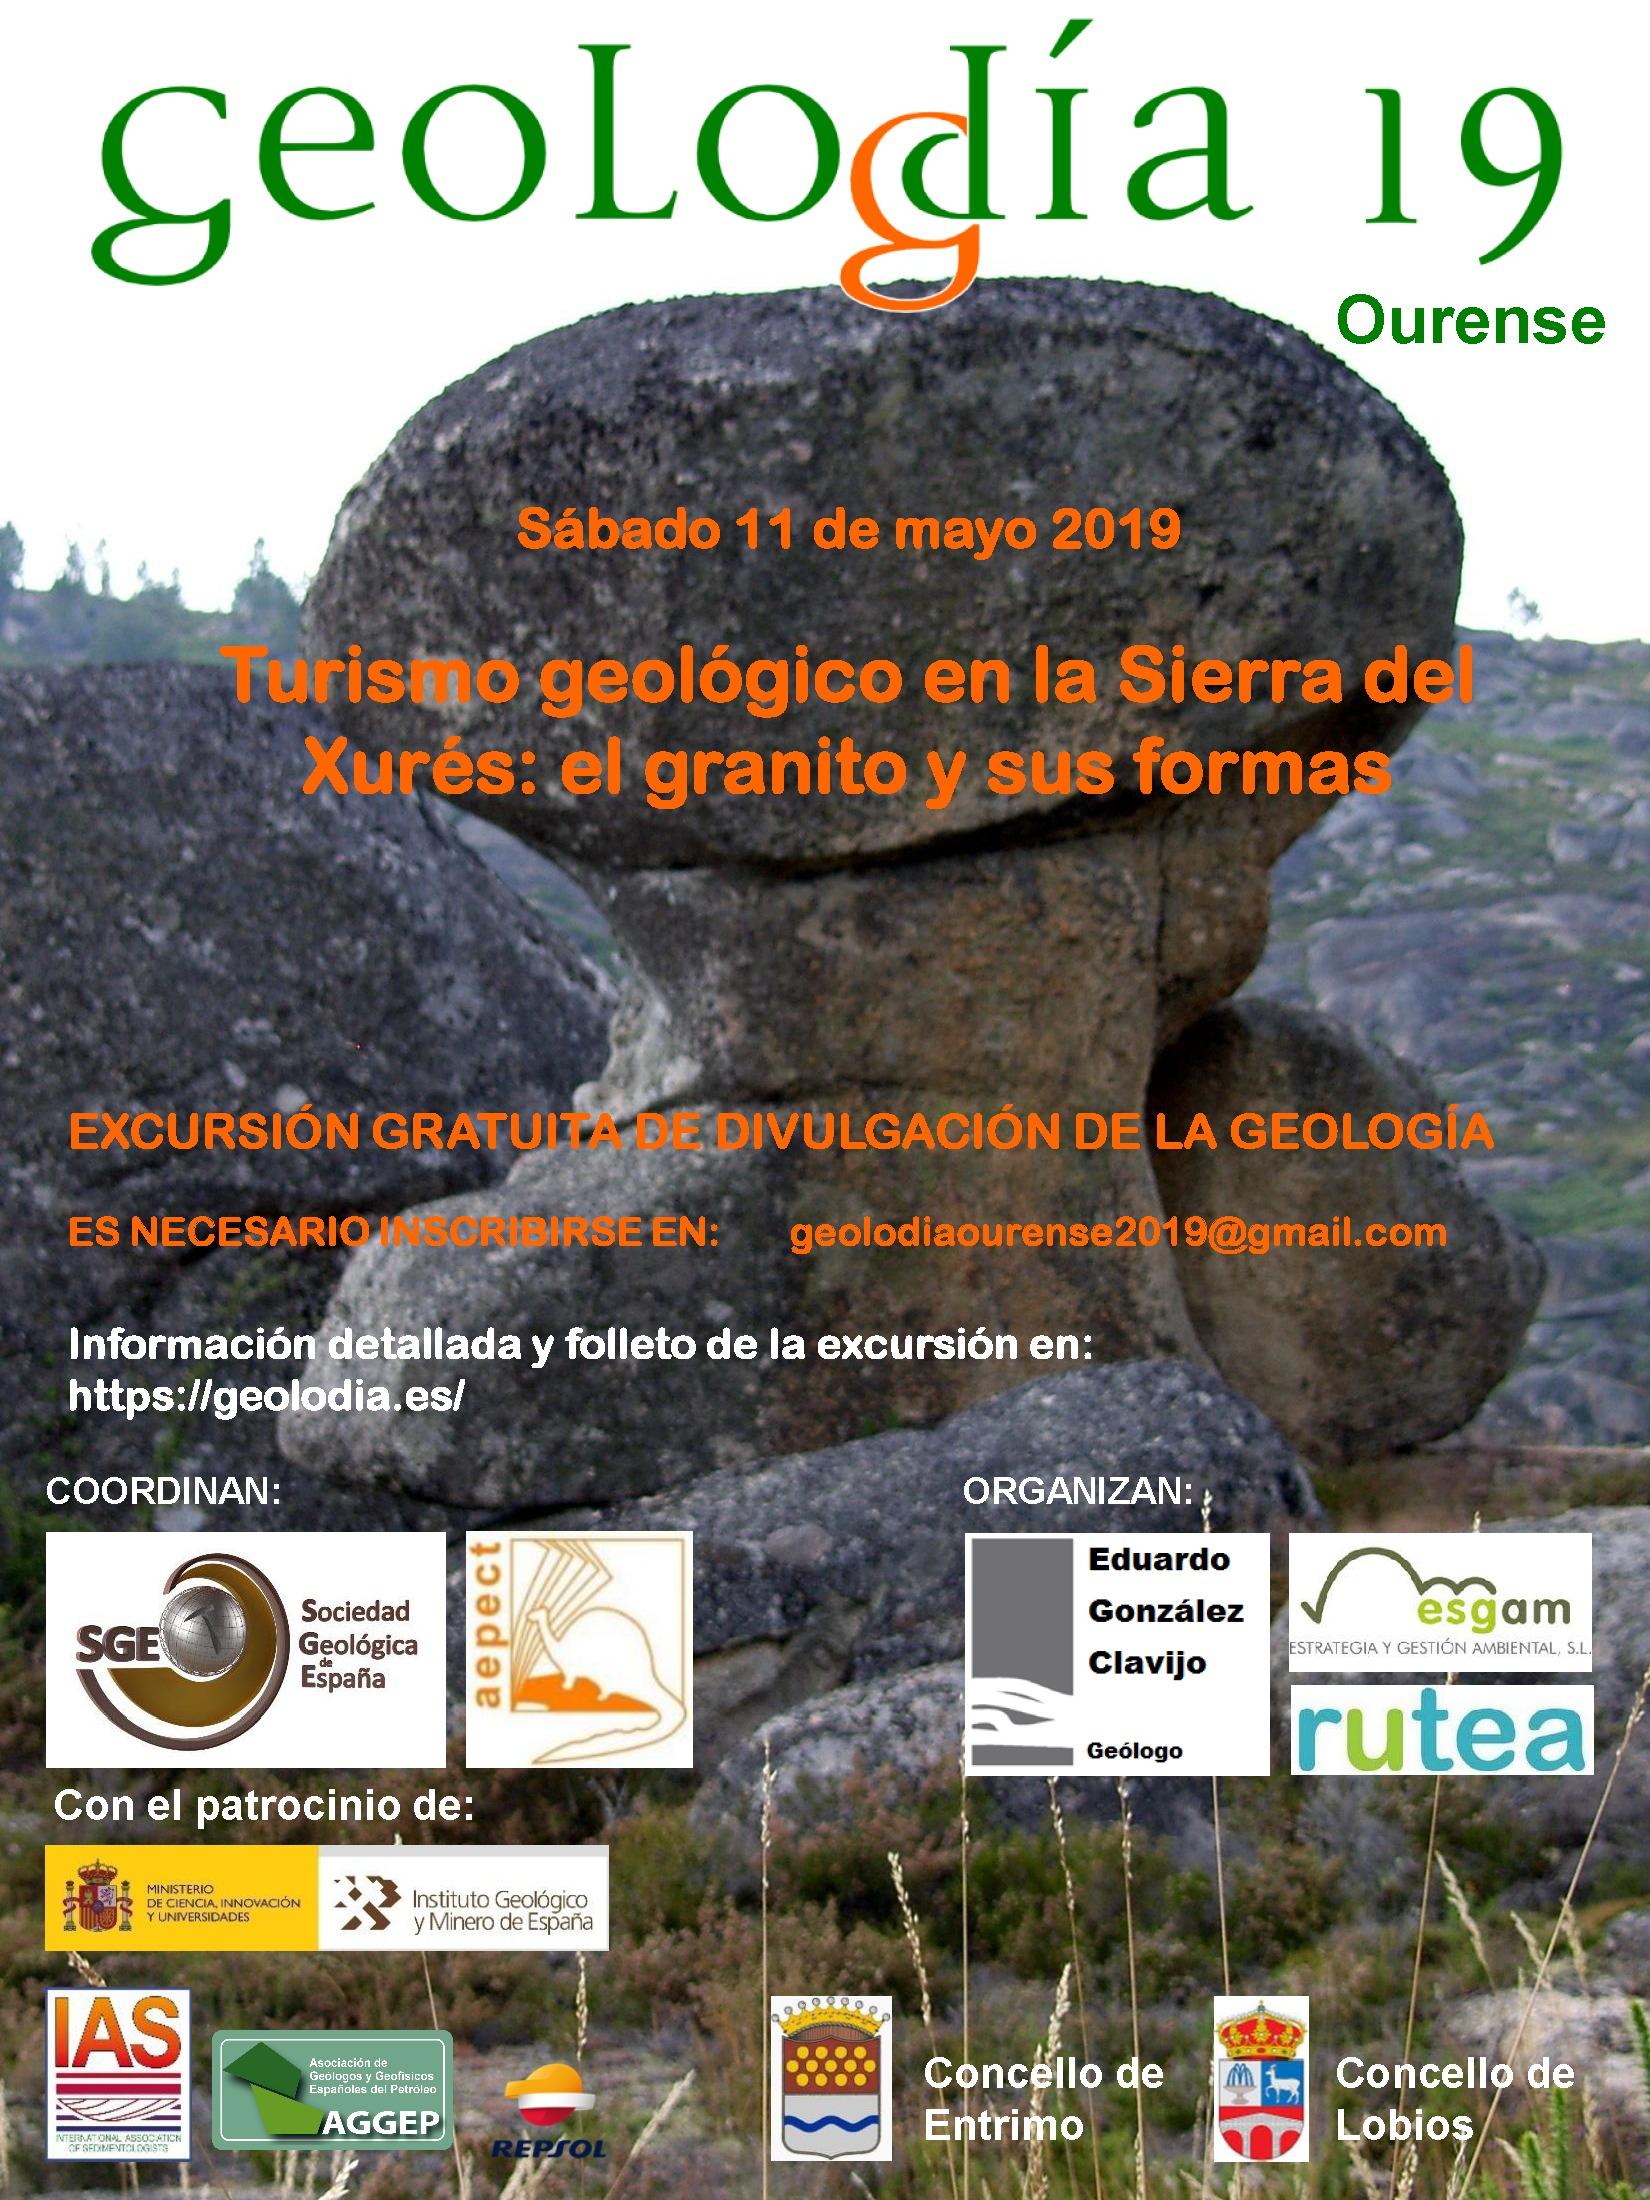 Cartel del Geolodía 2019 en Ourense